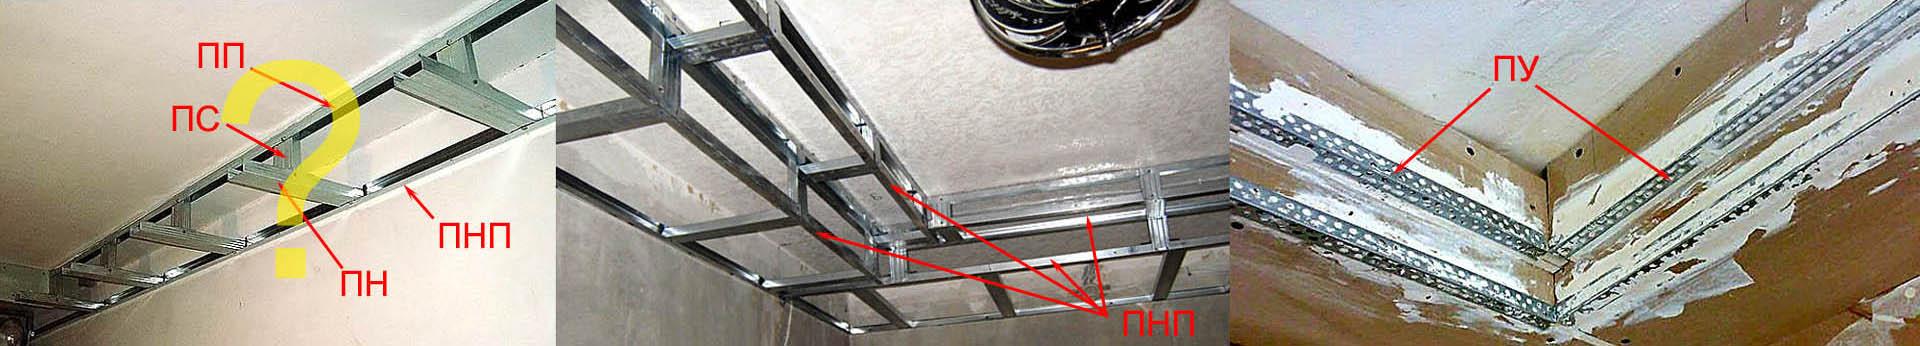 Примеры использования металлопрофилей в каркасах конструкций из гипсокартона